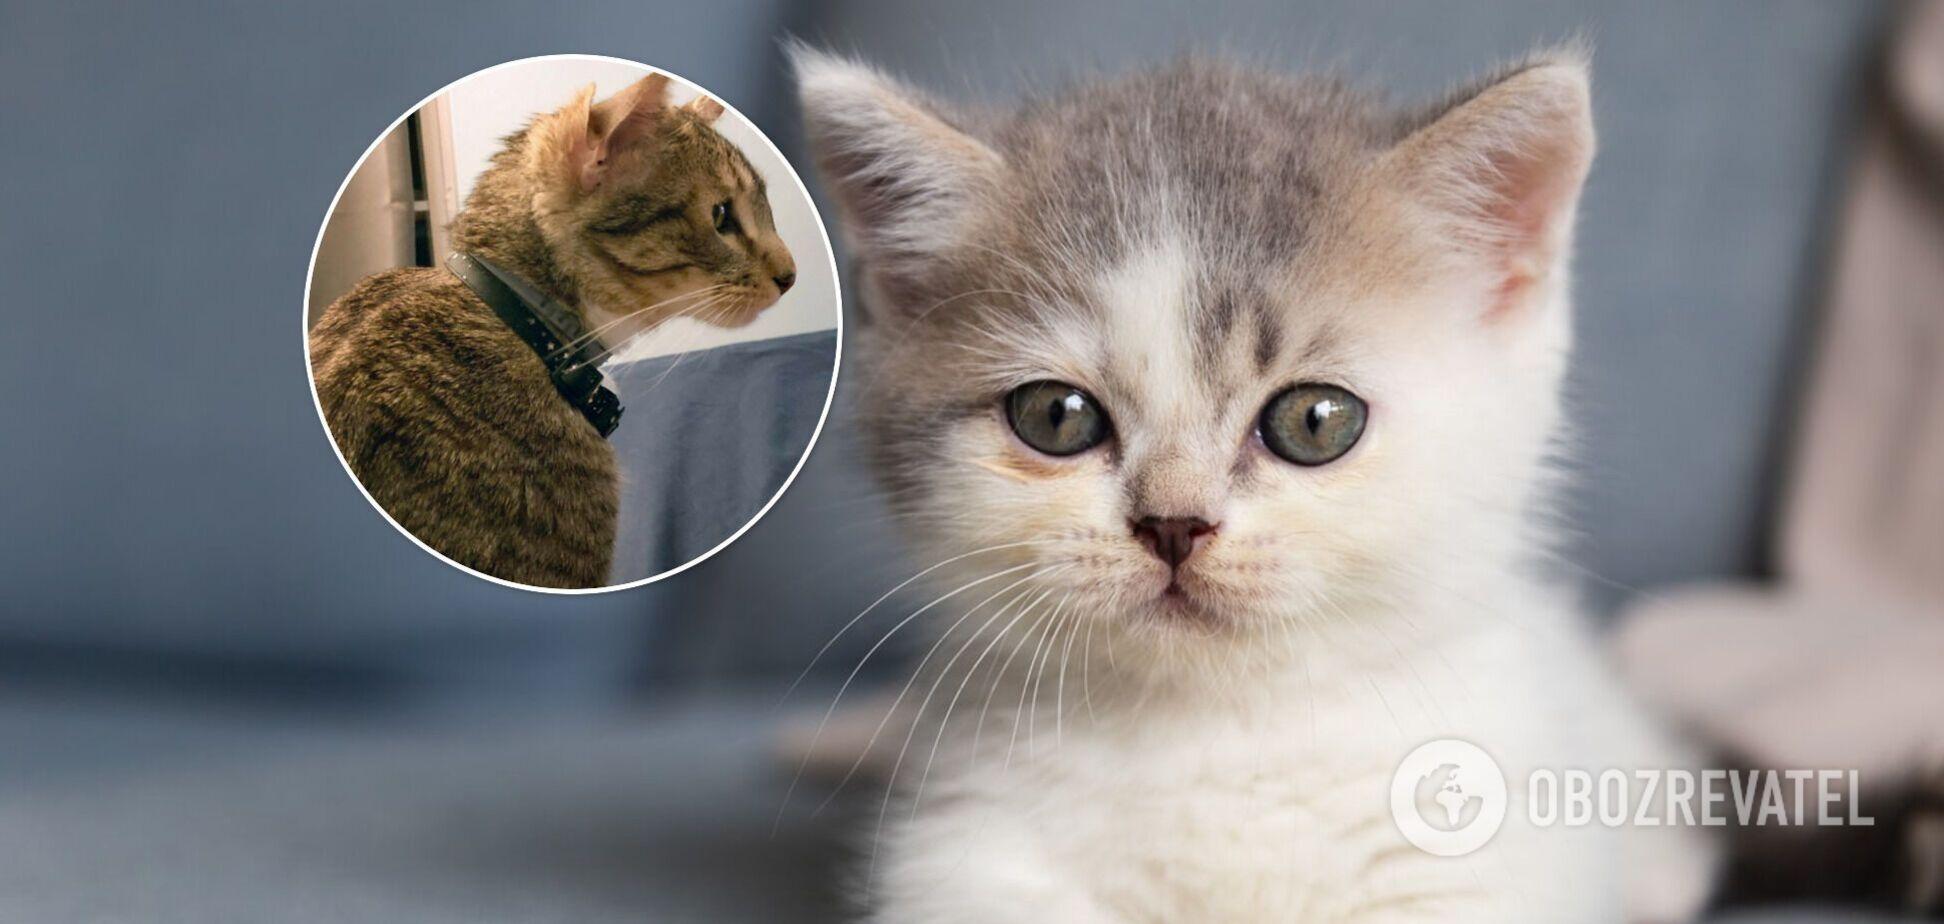 Унікальне кошеня з чотирма вухами стало інтернет-сенсацією. Фото